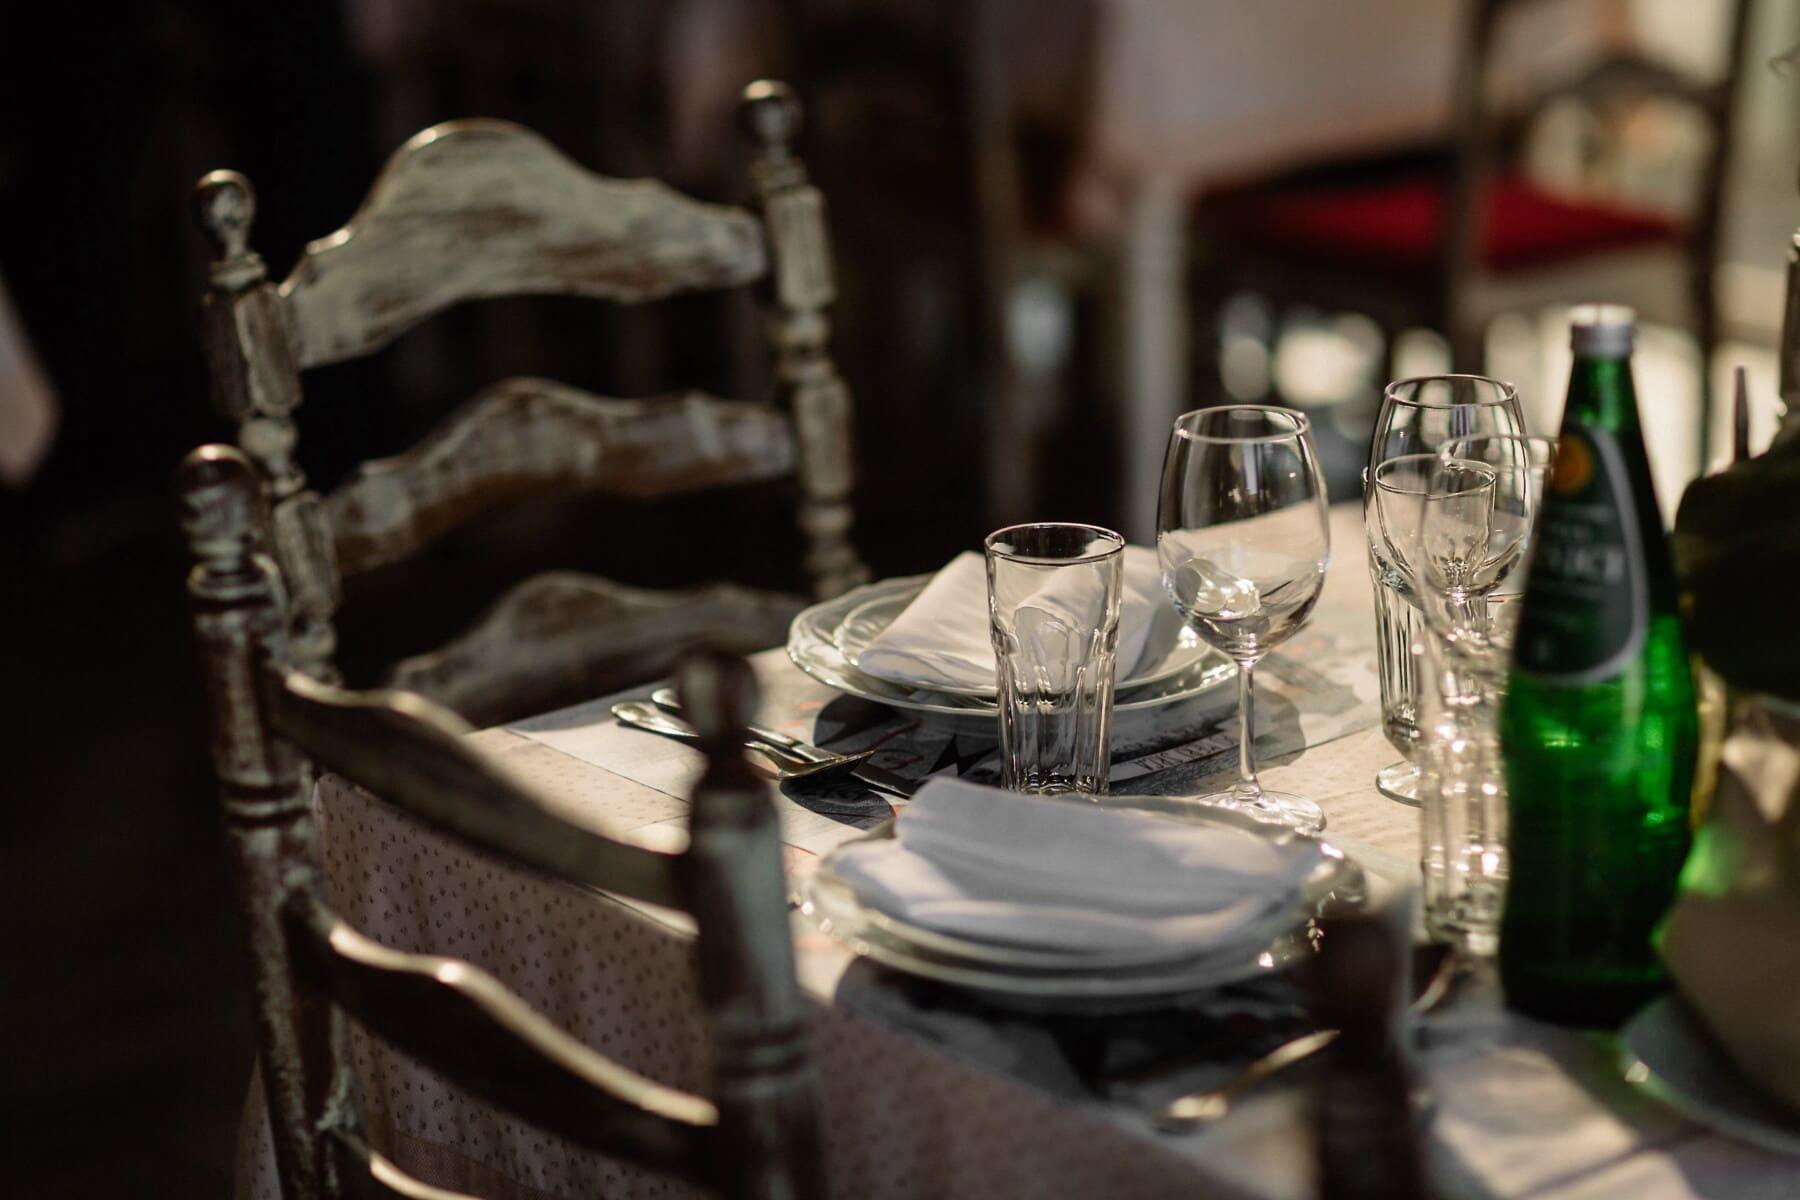 pöytä, ravintola, Viinitila, lasi, viini, astiasto, asetelma, ruokailuvälineet, Ravintola, sisätiloissa